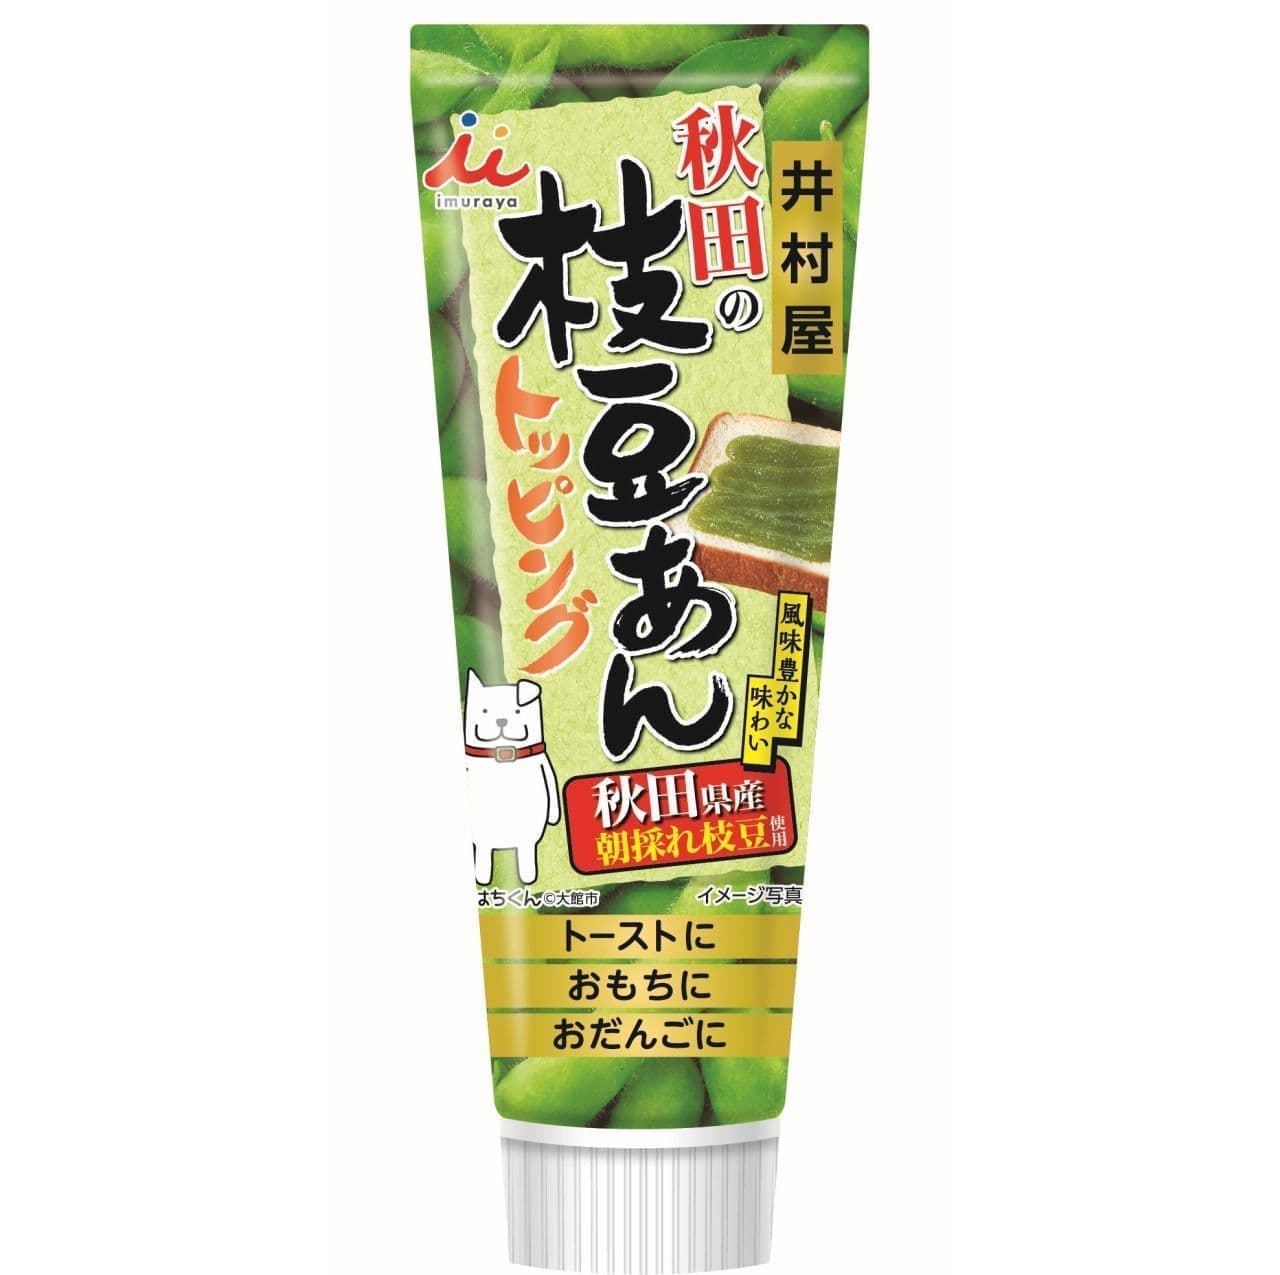 井村屋からチューブタイプの新商品「枝豆あんトッピング」